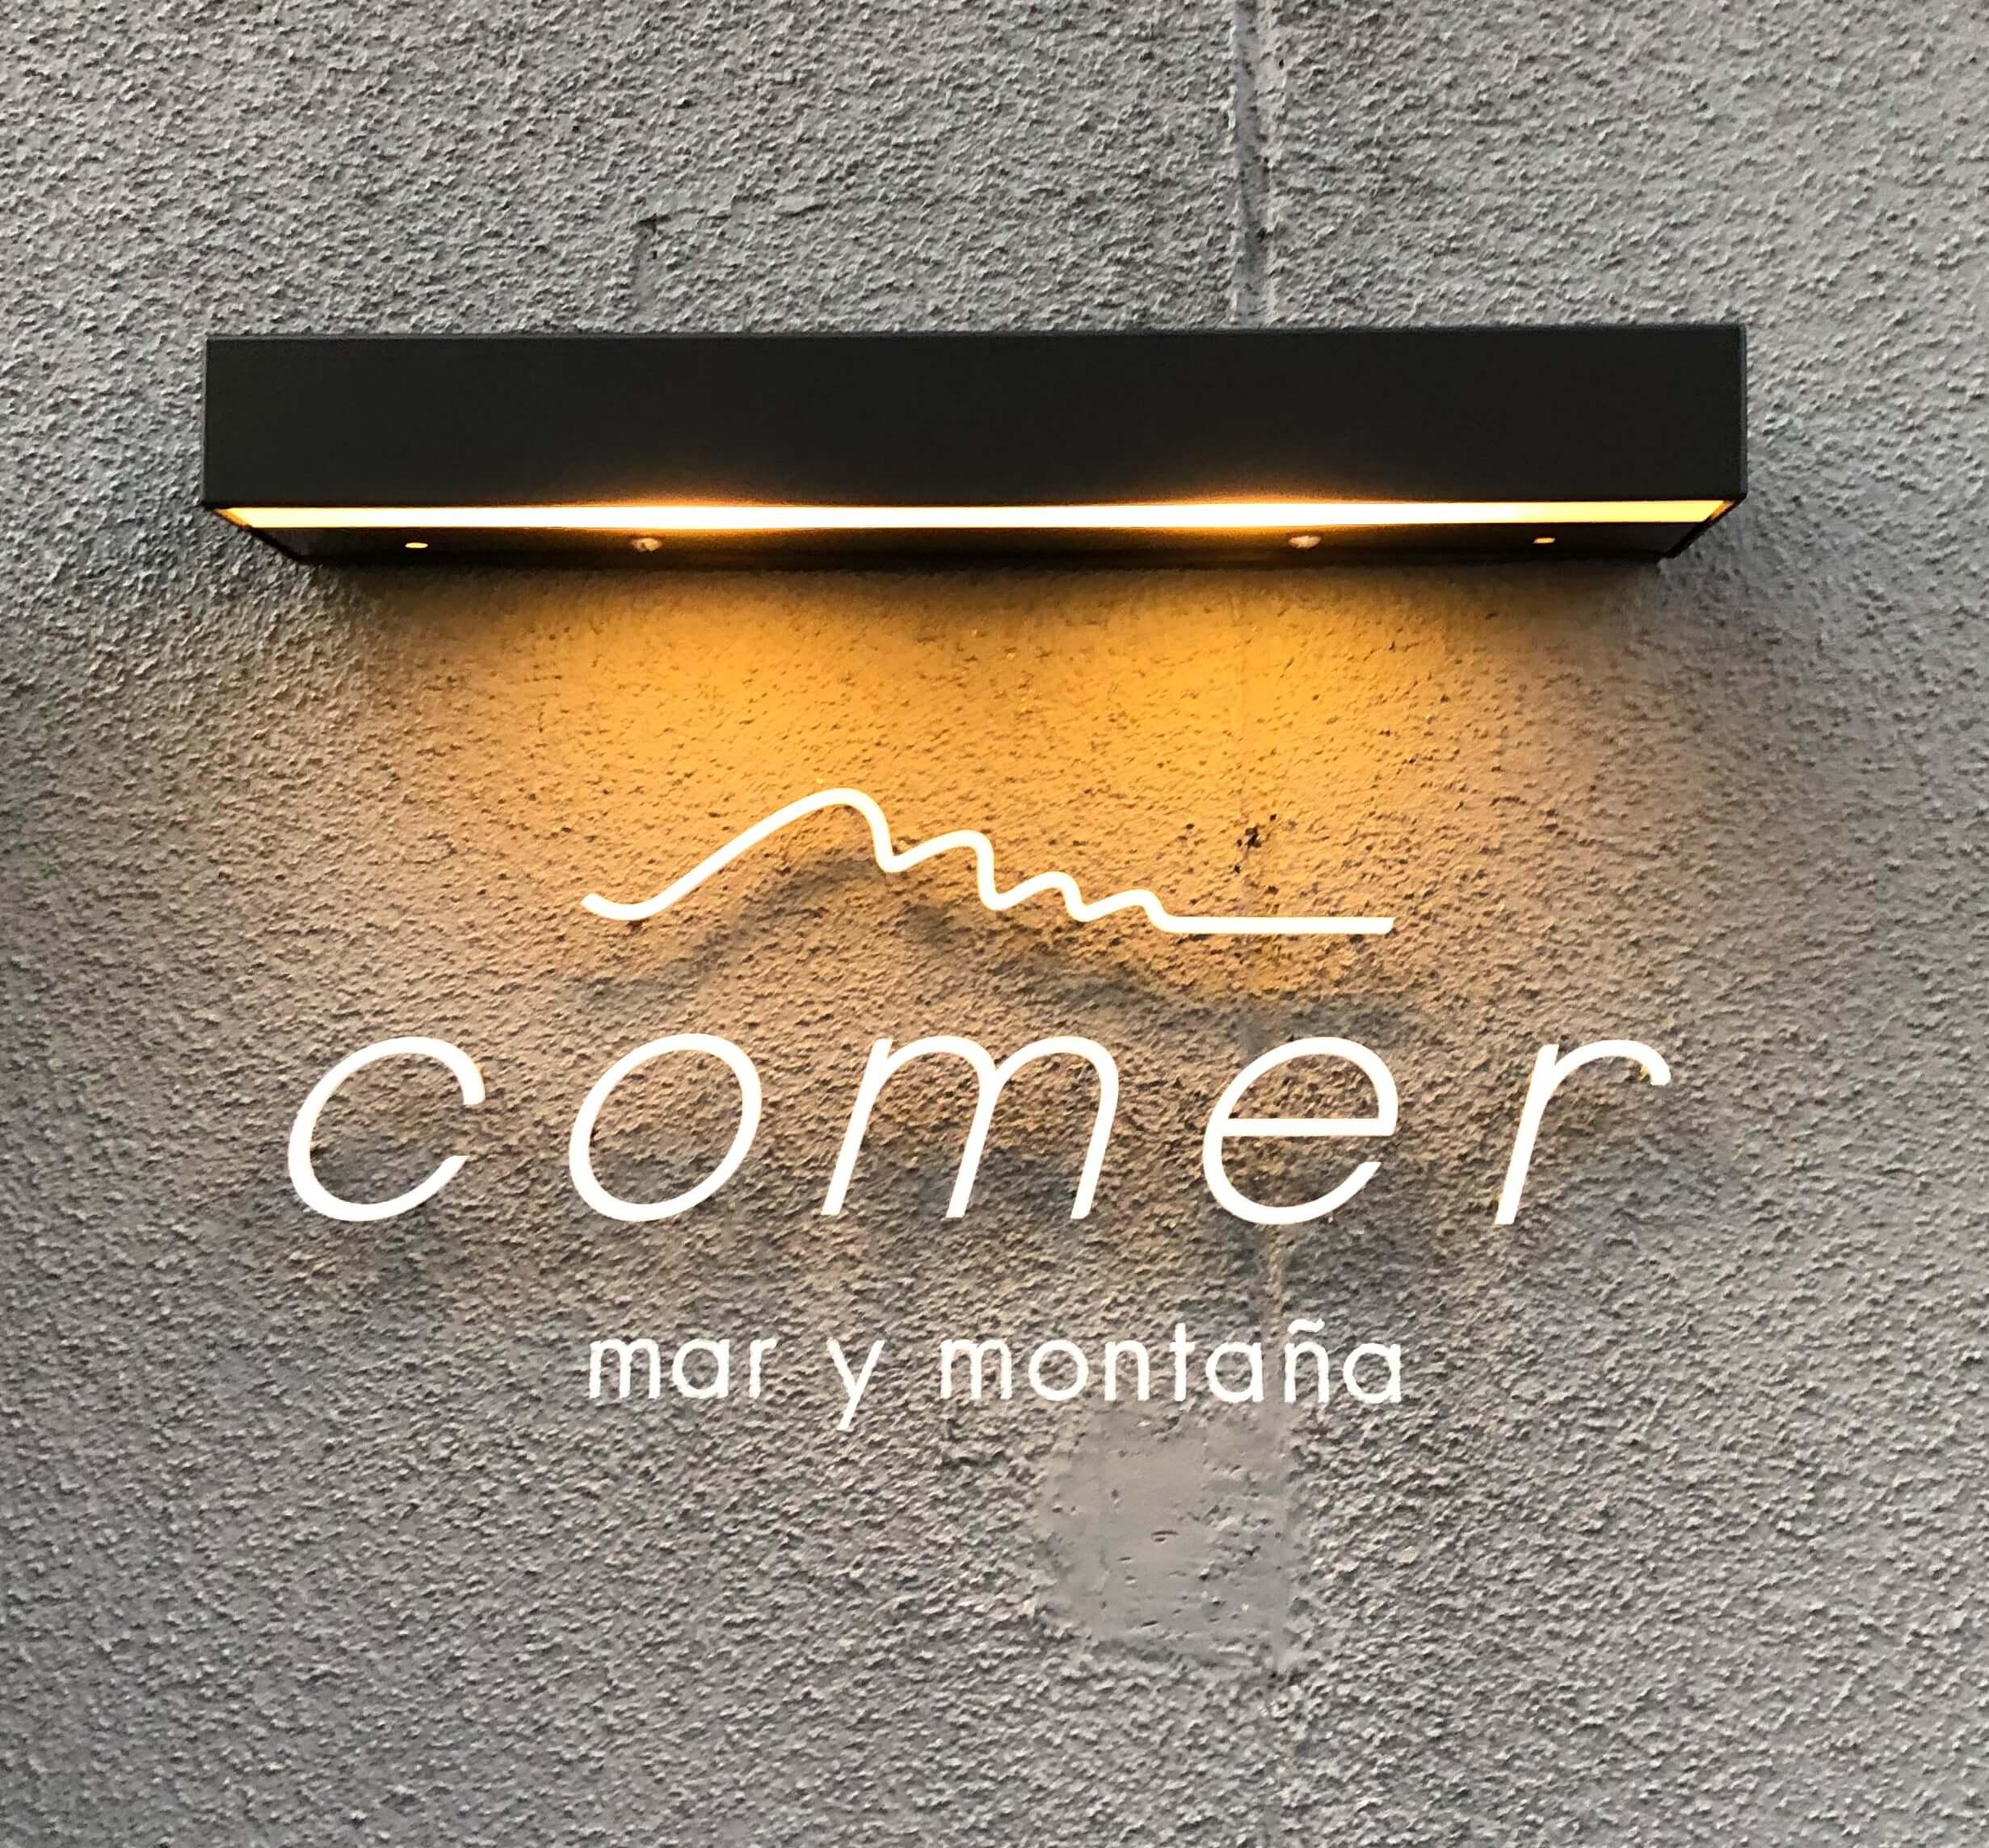 「 comer ( コメール ) mar y montana 」カタルーニャ地方の料理に特化した新しいスペインバルが木倉町に誕生!!